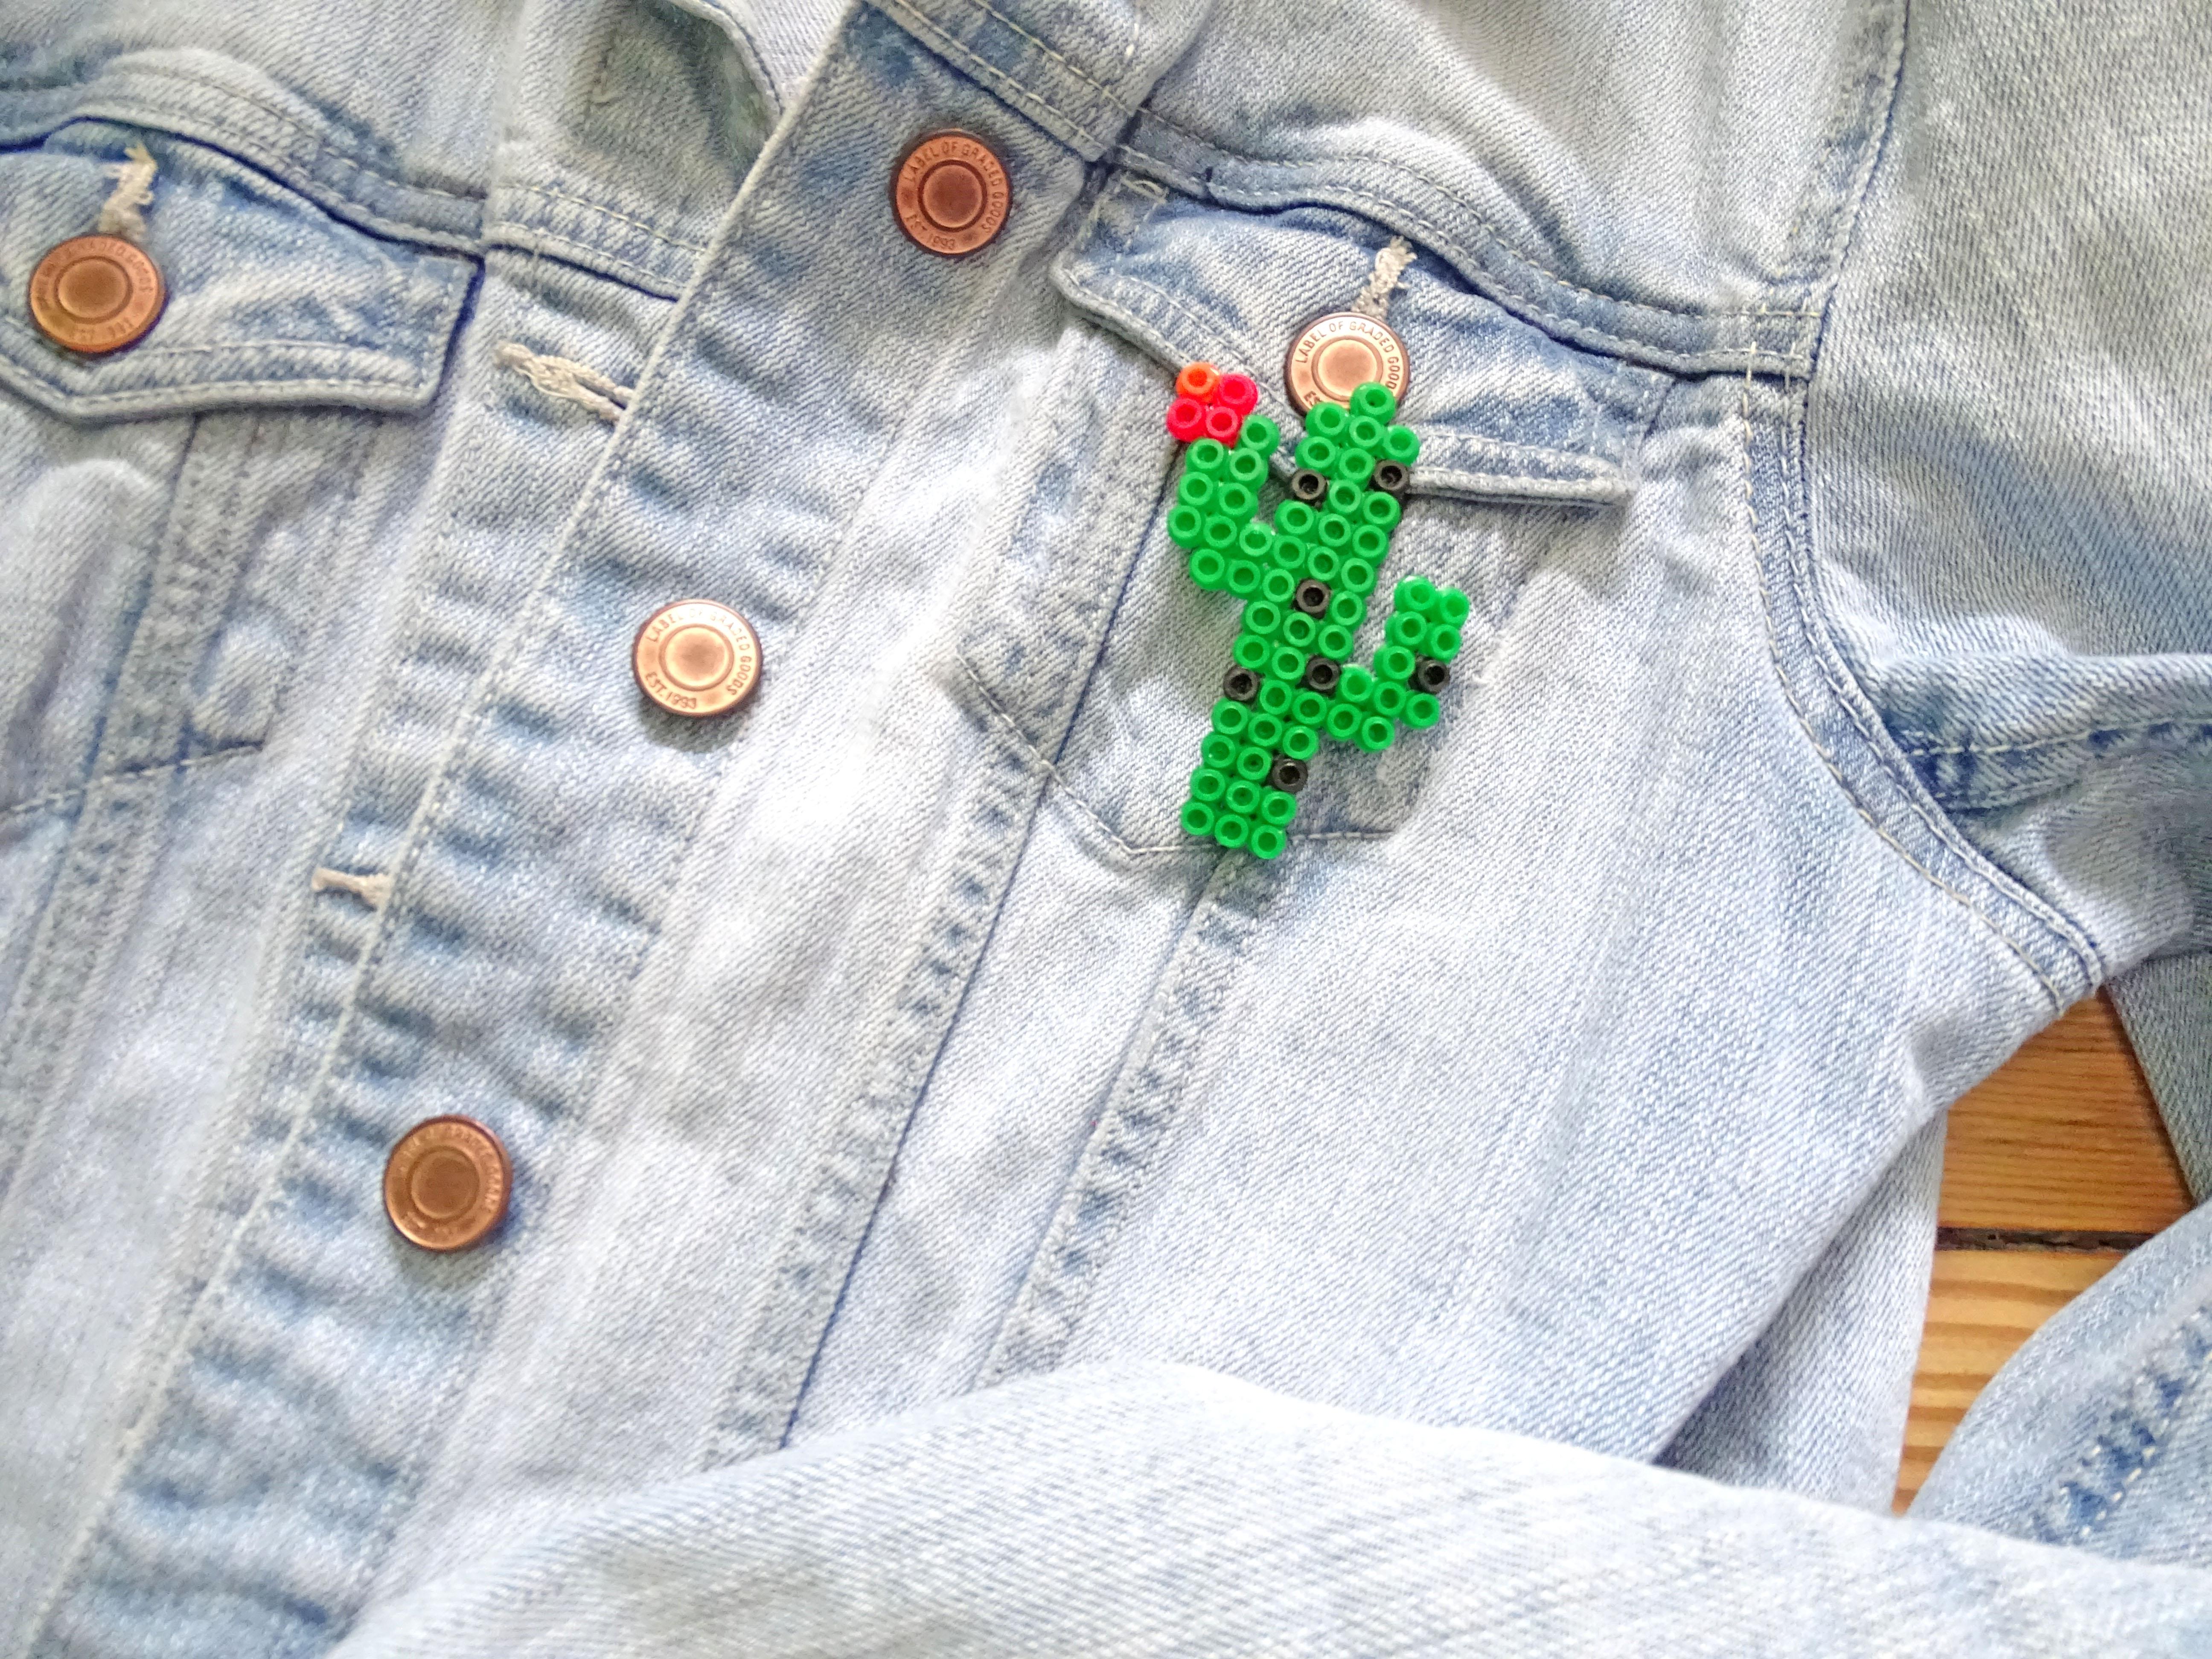 Kaktus Ansteckbrosche aus Bügelüperlen selber machen